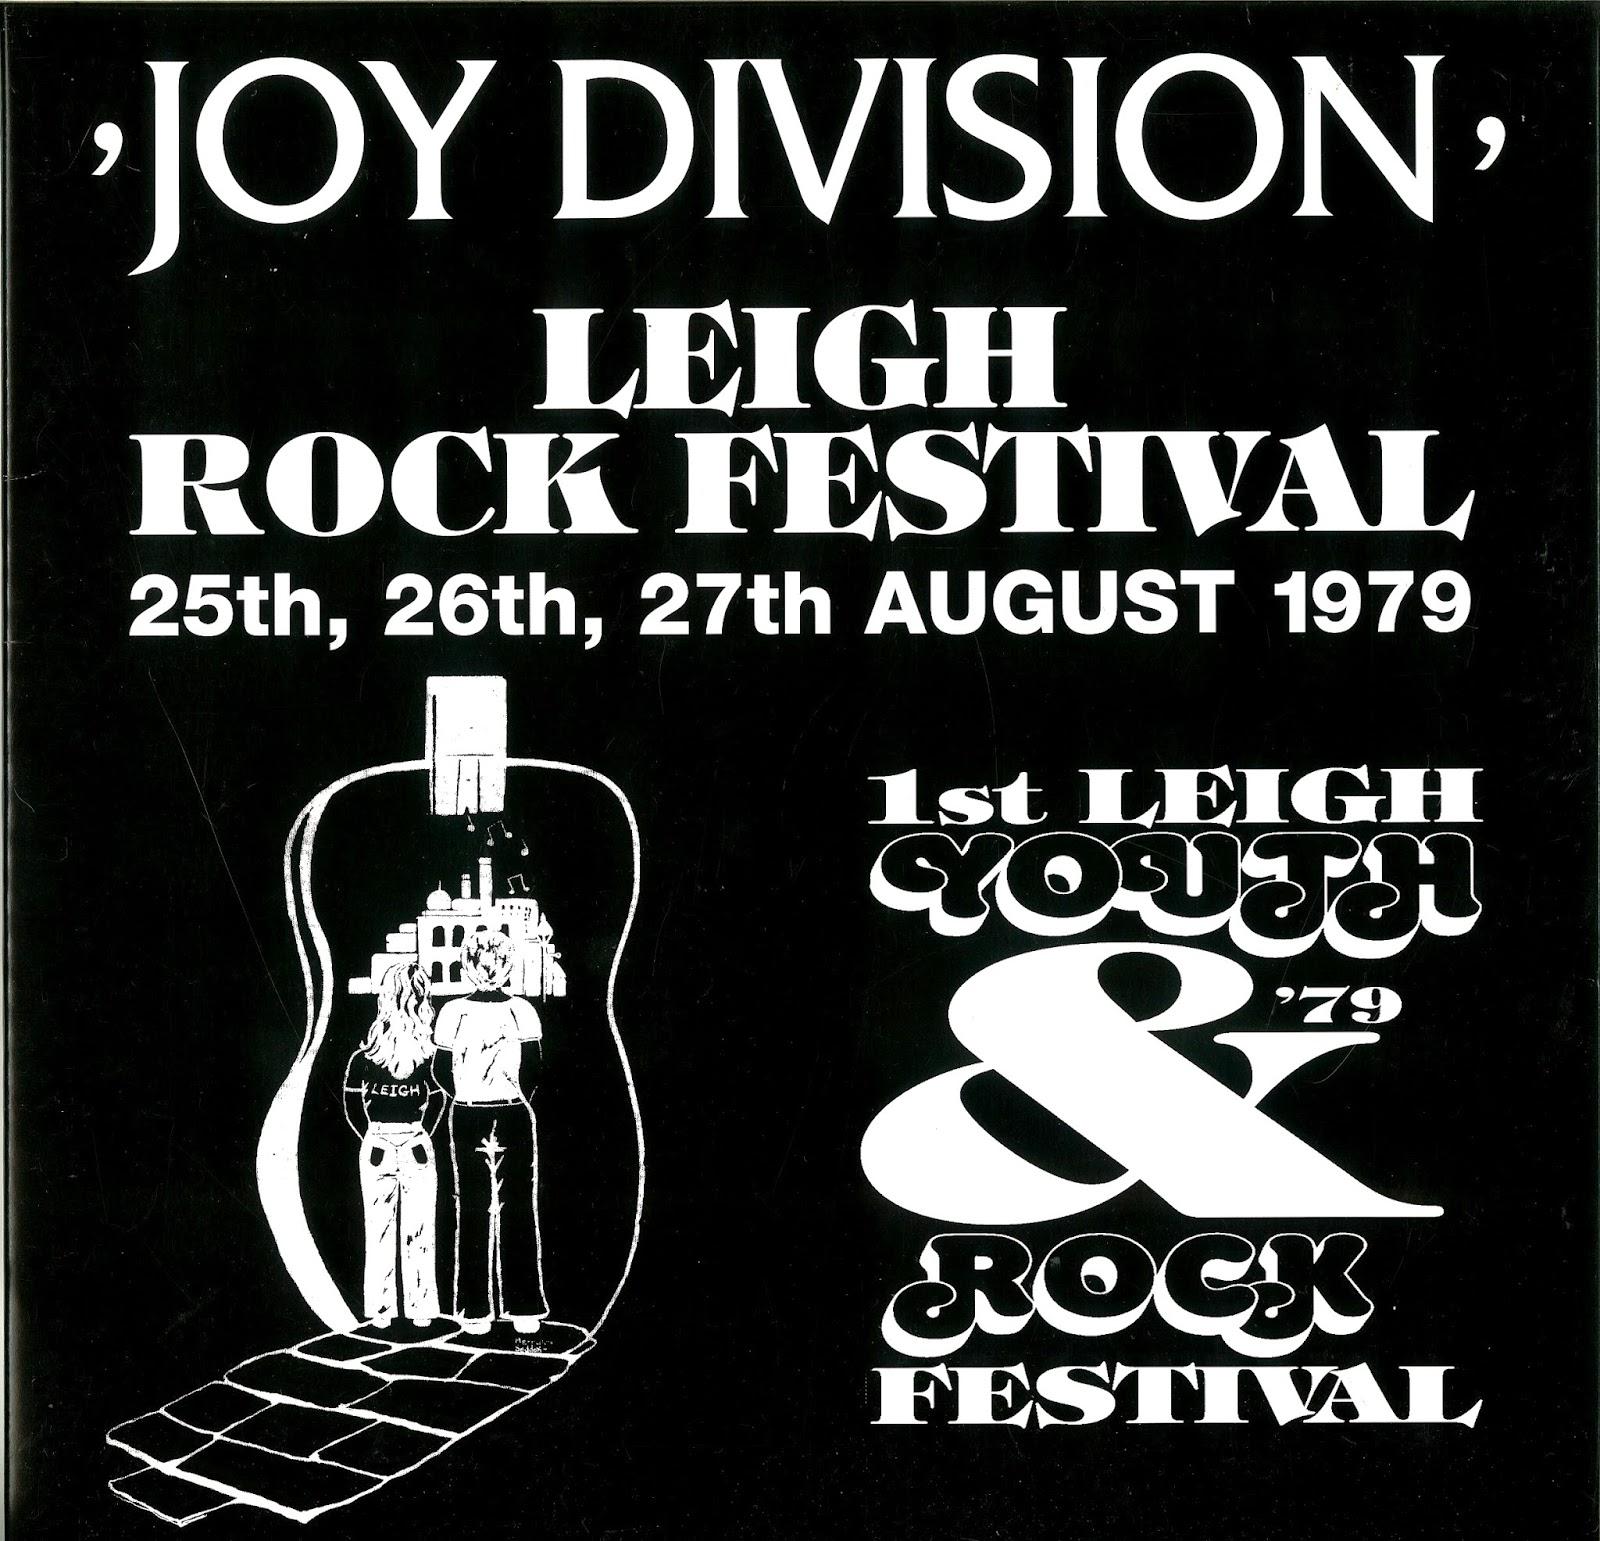 festival 79